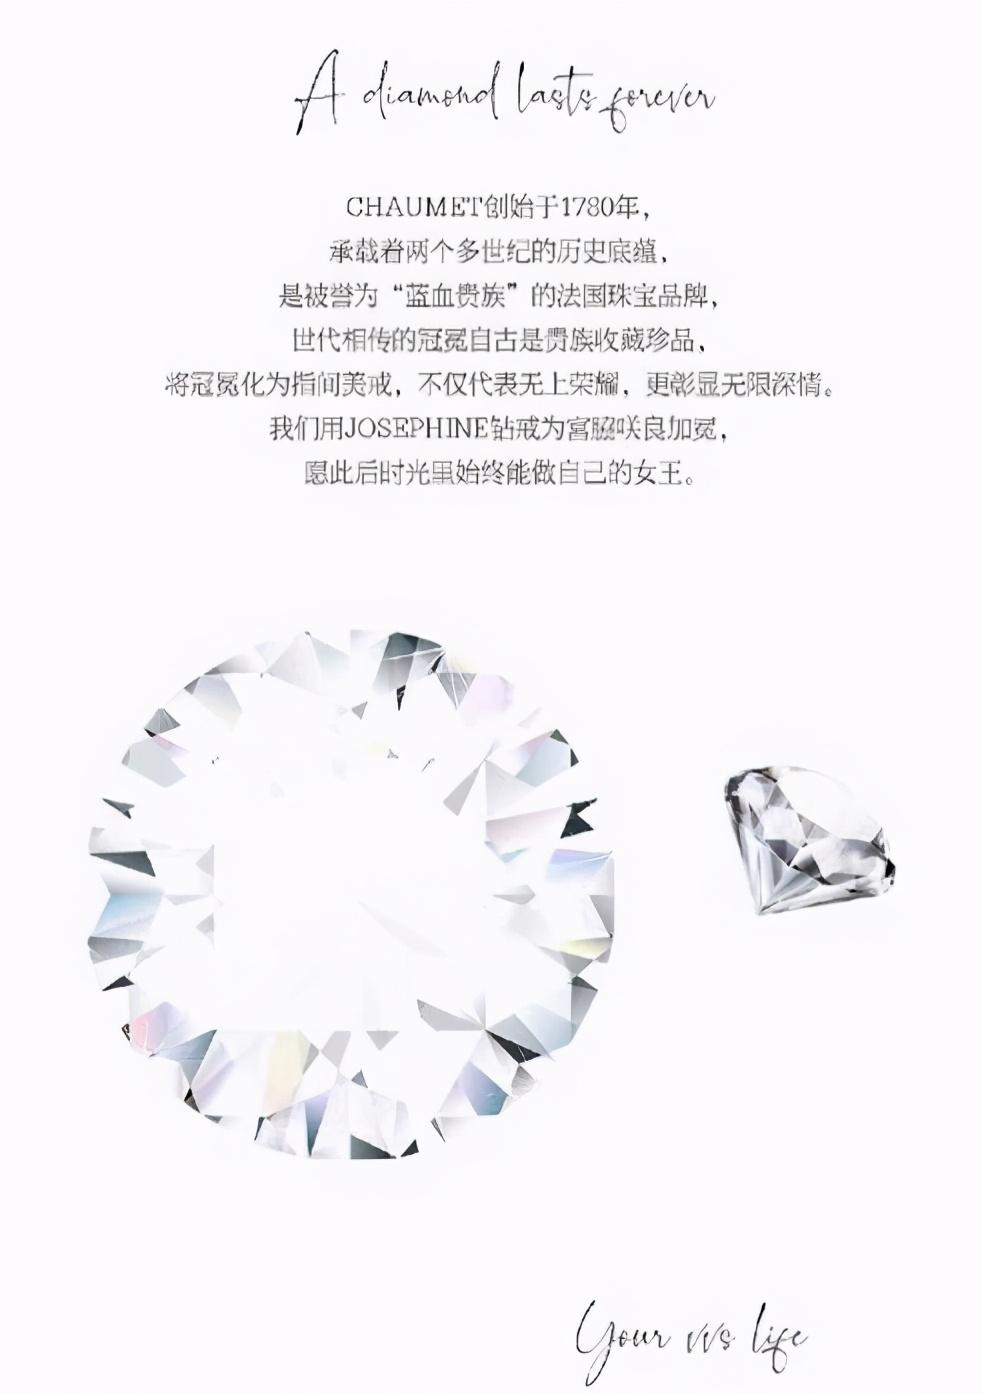 中飯為日本女星慶生,集資4億買奢華鑽戒,還放狠話:別嫁窮男人